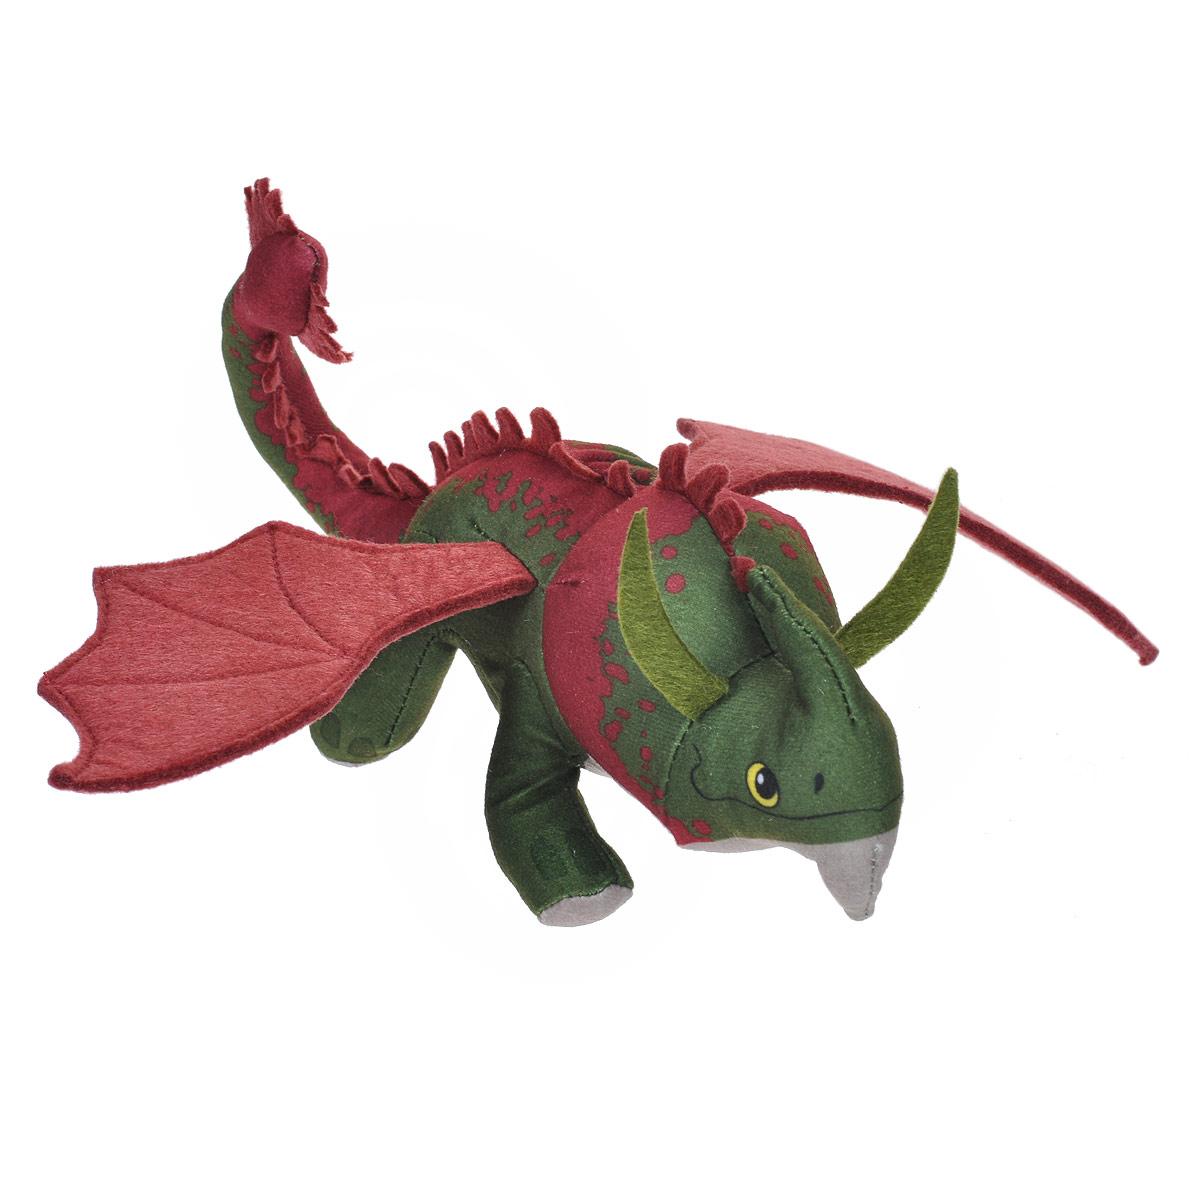 Мягкая игрушка Dragons Крушиголов, цвет: зеленый, бордовый, 24 см66572_зеленыйМягкая плюшевая игрушка Dragons Крушиголов вызовет улыбку у каждого, кто ее увидит. Игрушка выполнена из приятного на ощупь текстильного материала в виде дракона - точной копии дракона из мультфильма Как приручить дракона 2. У игрушки маленькая голова, длинный хвост и большие крылья. Эта забавная игрушка принесет радость и подарит своему обладателю мгновения приятных воспоминаний. Такая игрушка станет отличным подарком вашему ребенку!